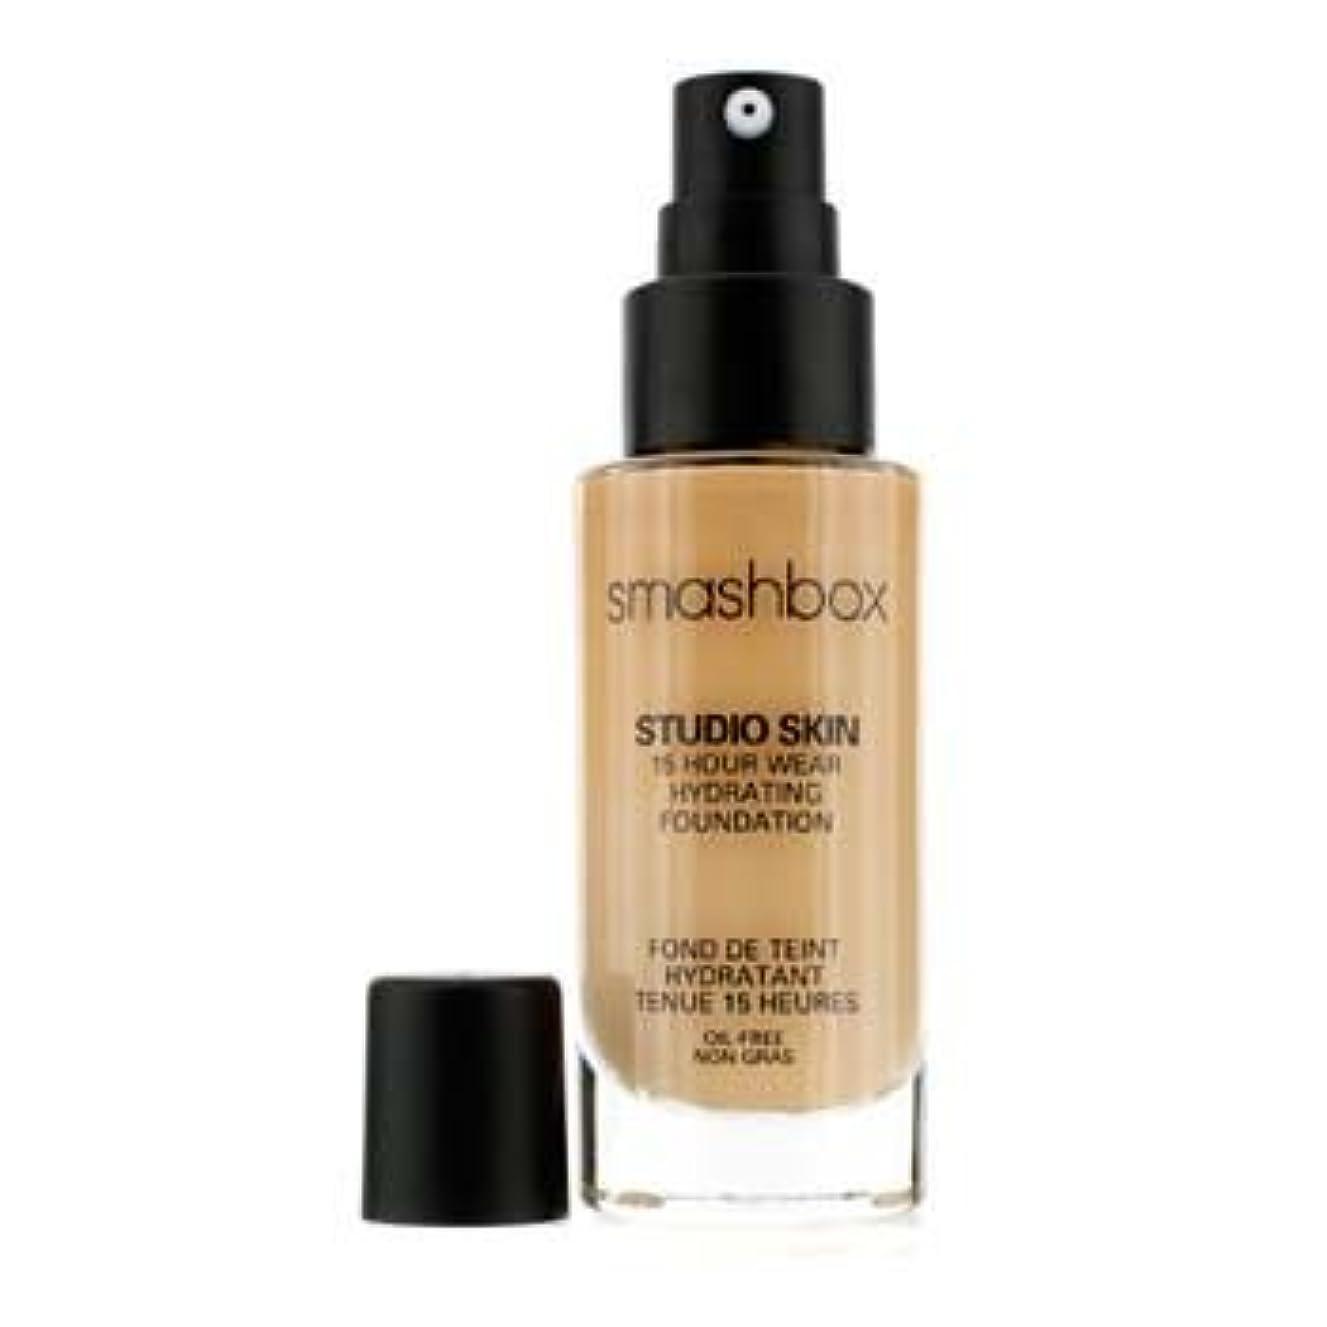 終わった血まみれ宗教スマッシュボックス Studio Skin 15 Hour Wear Hydrating Foundation - # 2.2 Light Golden Beige 30ml/1oz並行輸入品